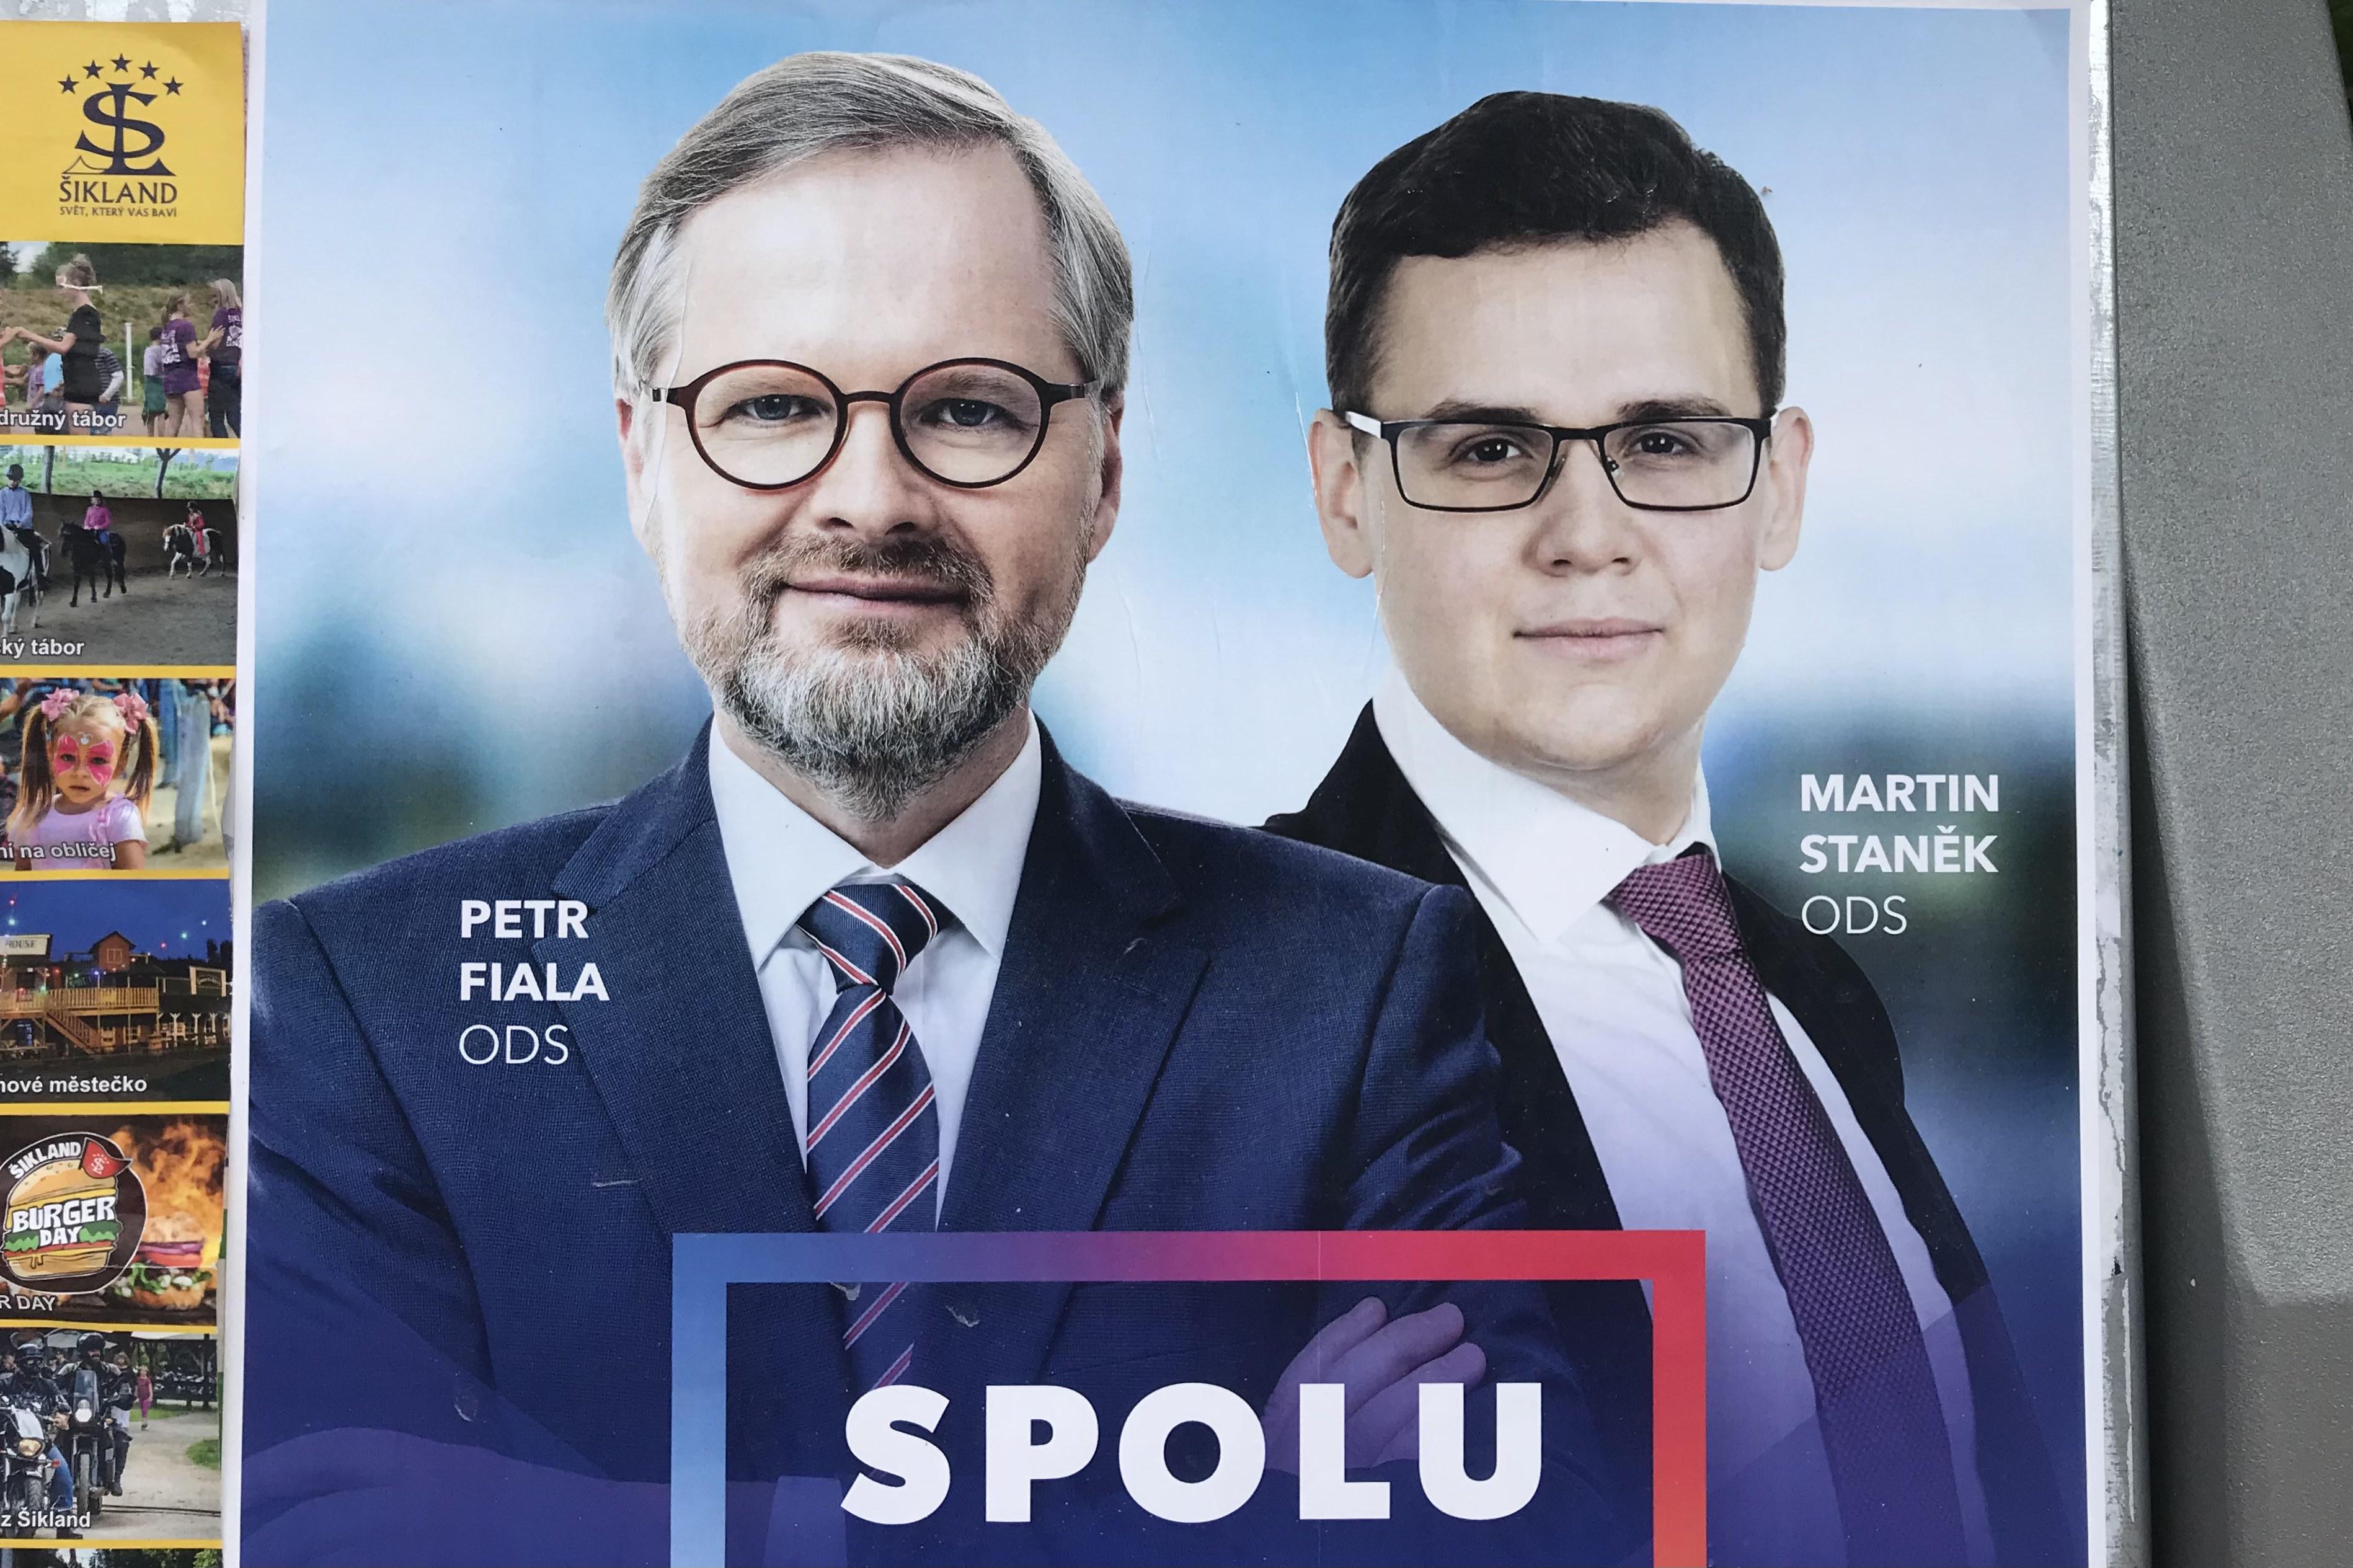 Na 28. místě kandidátky SPOLU se o přízeň voličů uchází student Martin Staněk z boskovické ODS